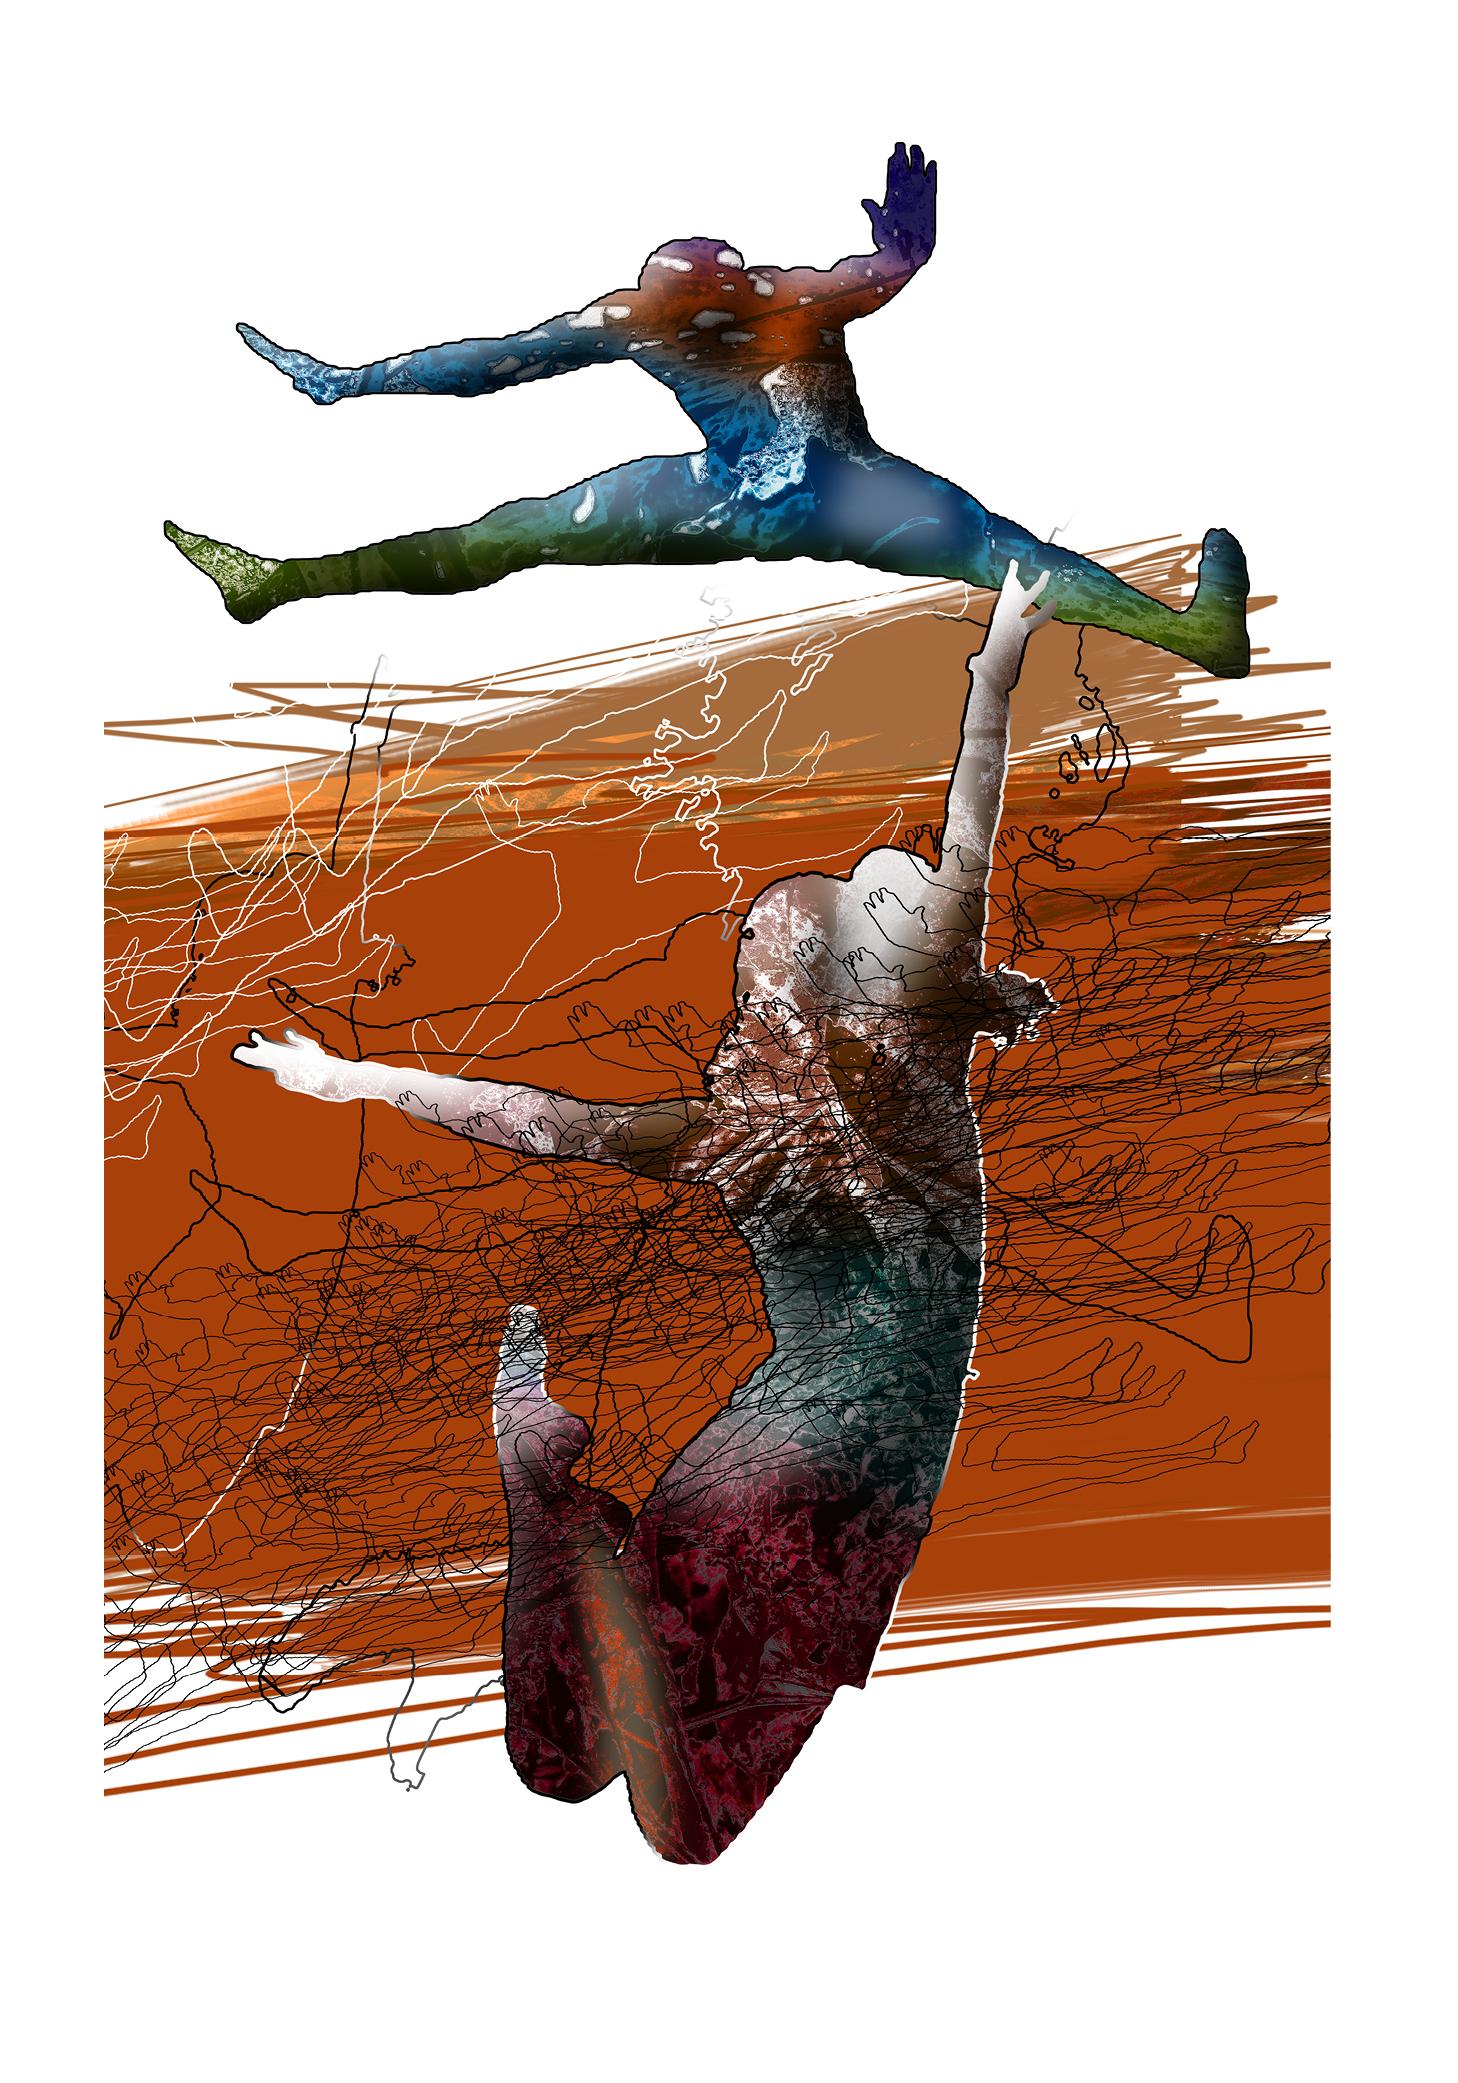 Jumping-II